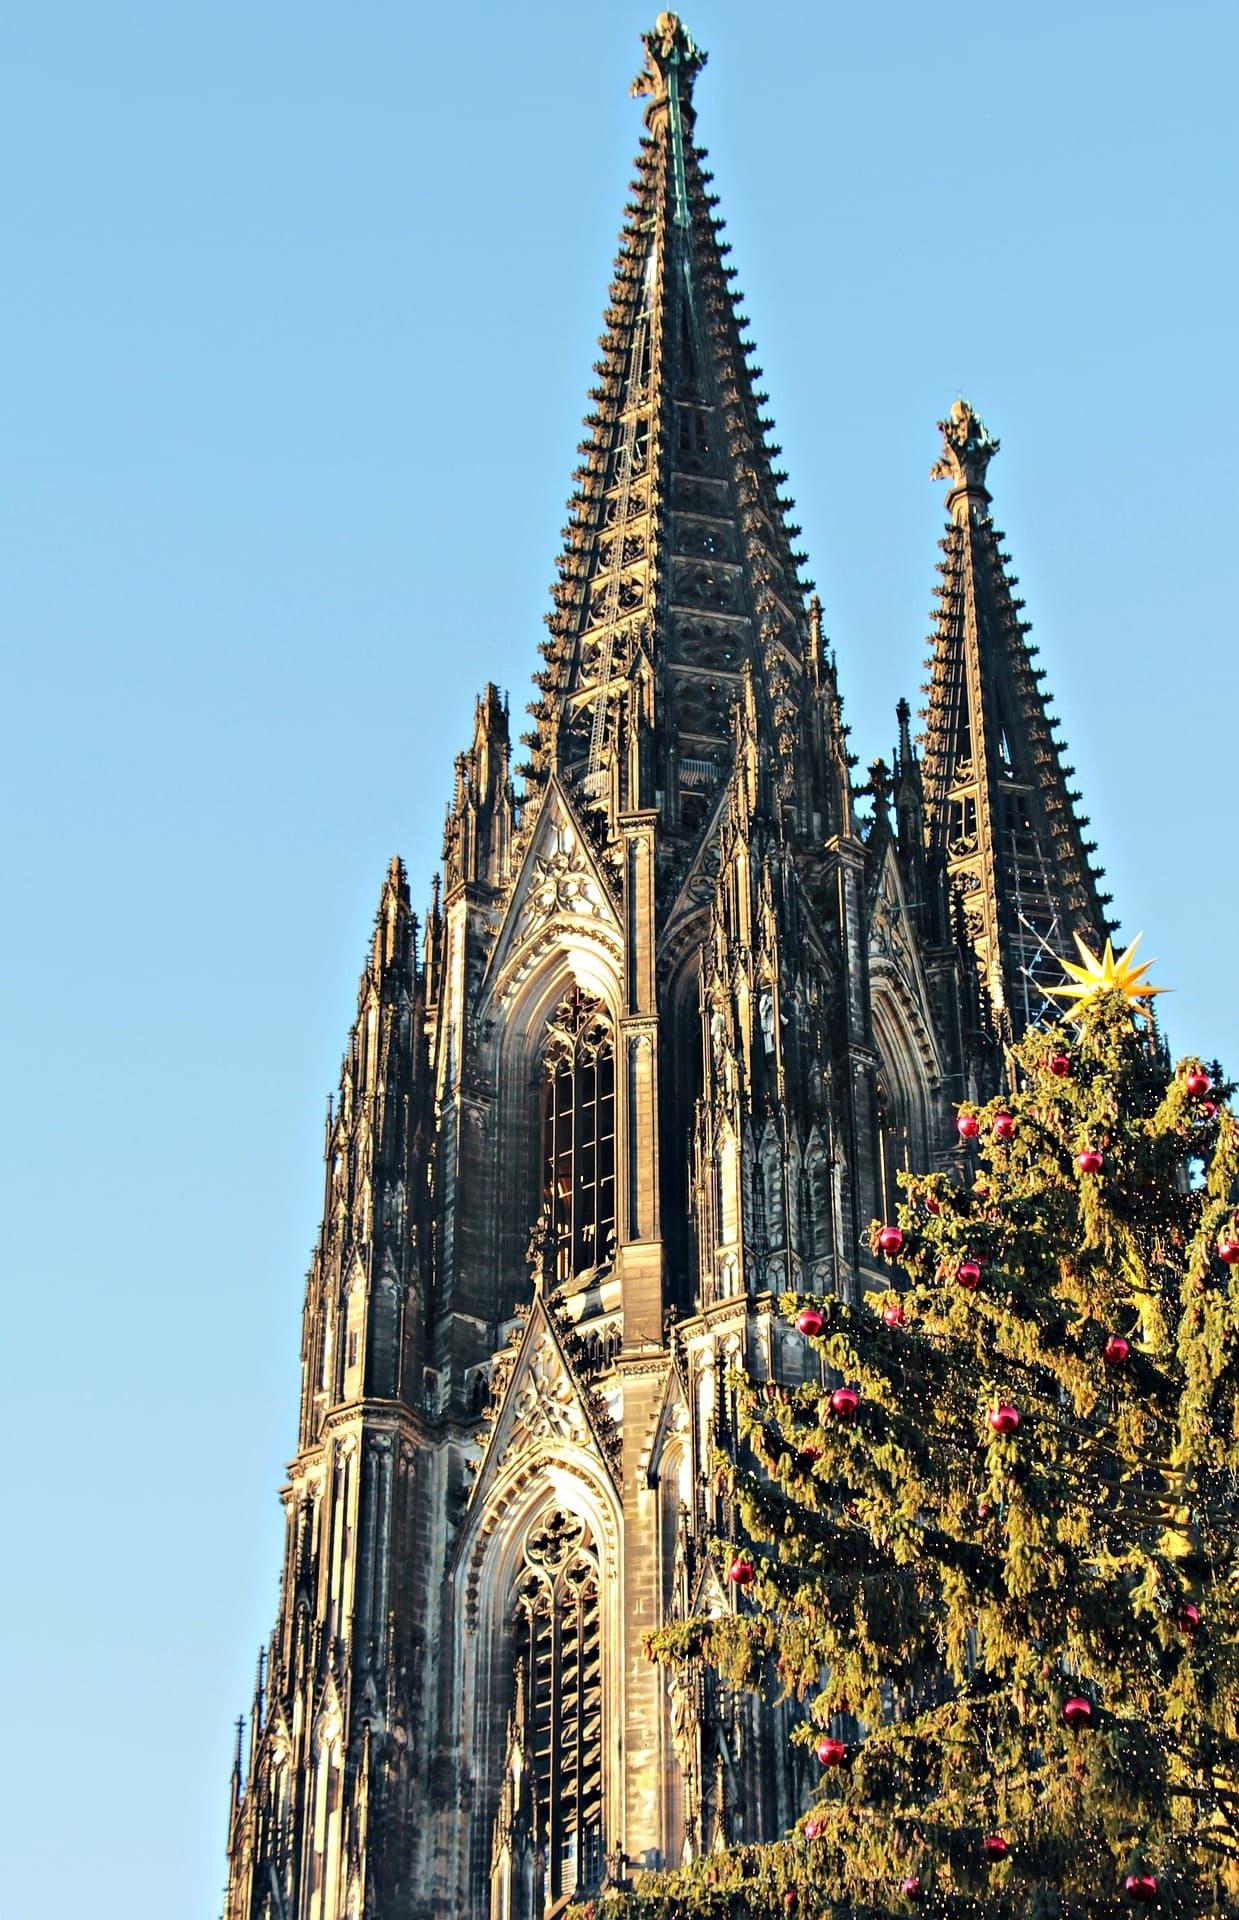 Der große Adventsguide: Weihnachtsmärkte in Köln